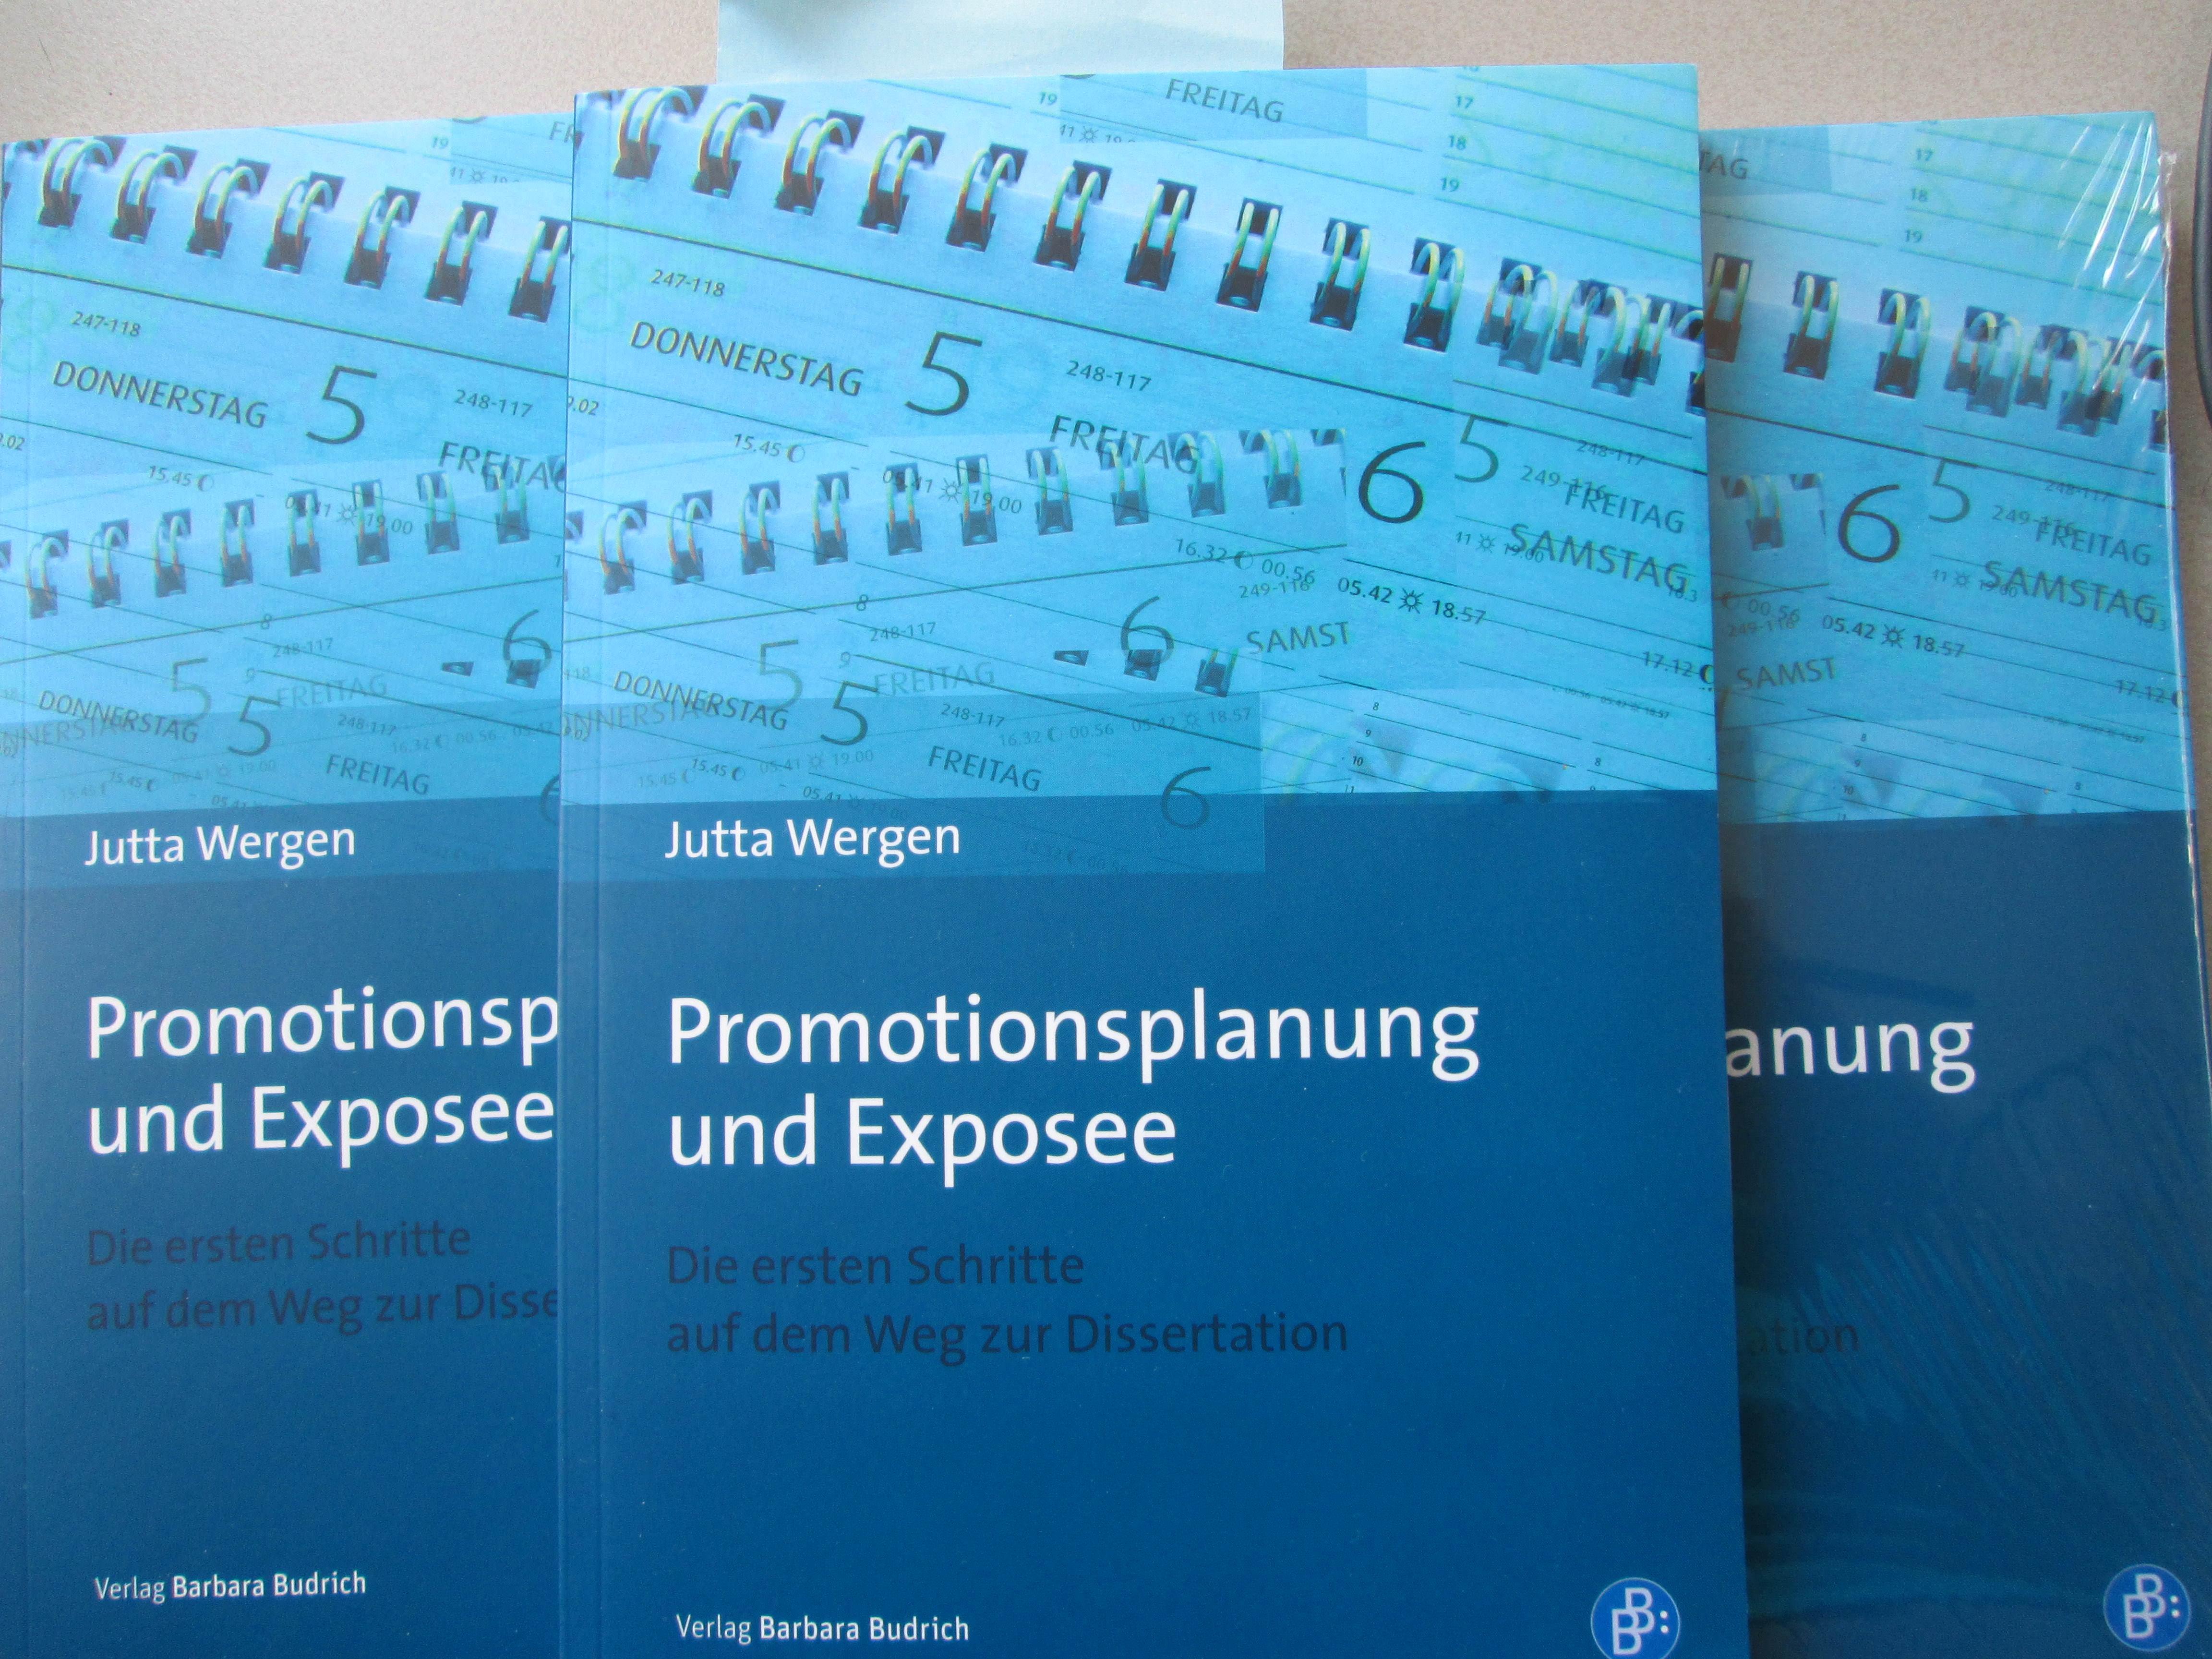 Promotionsplanung und Exposee schreiben